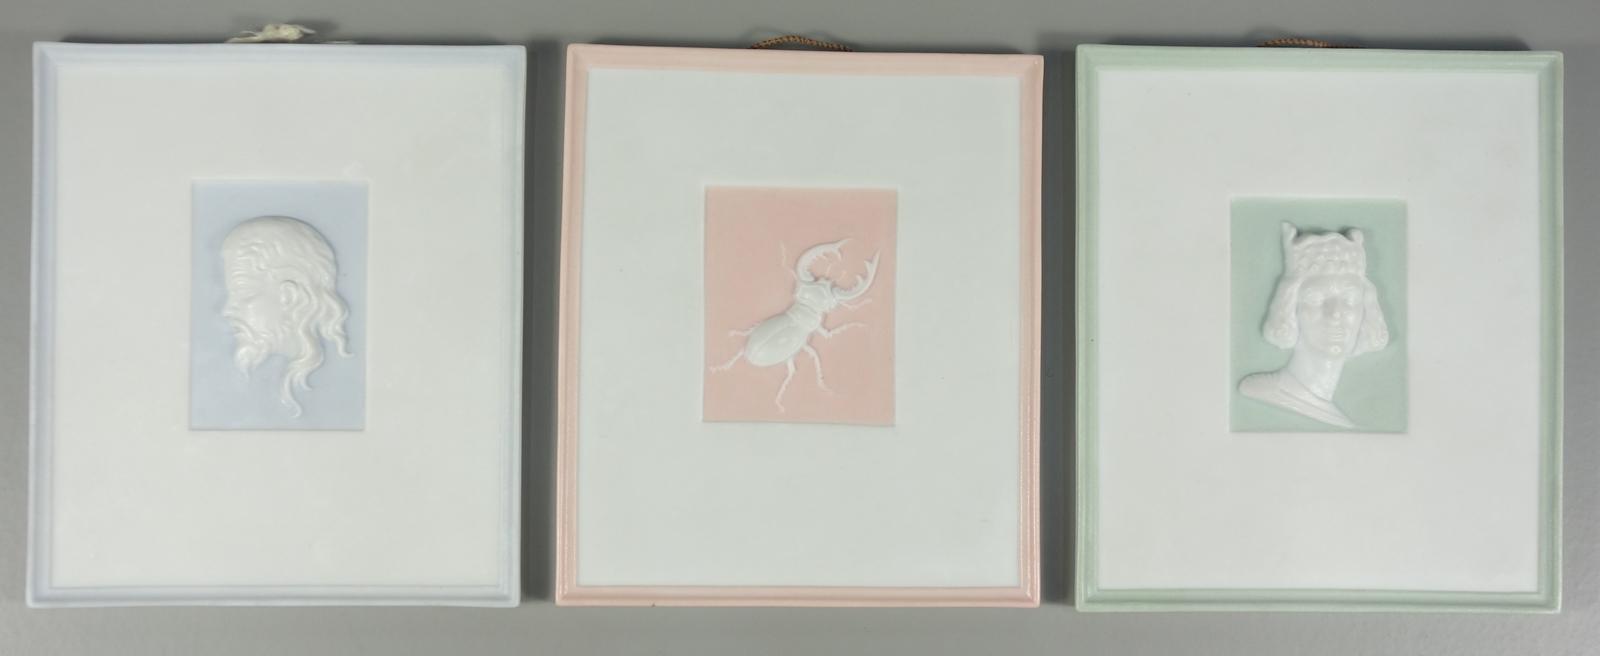 3 Reliefbilder, Bisquitporzellan, Fürstenberg, 20.Jh., H*B 10,8*9,2cm, pastellfarben staffiert3